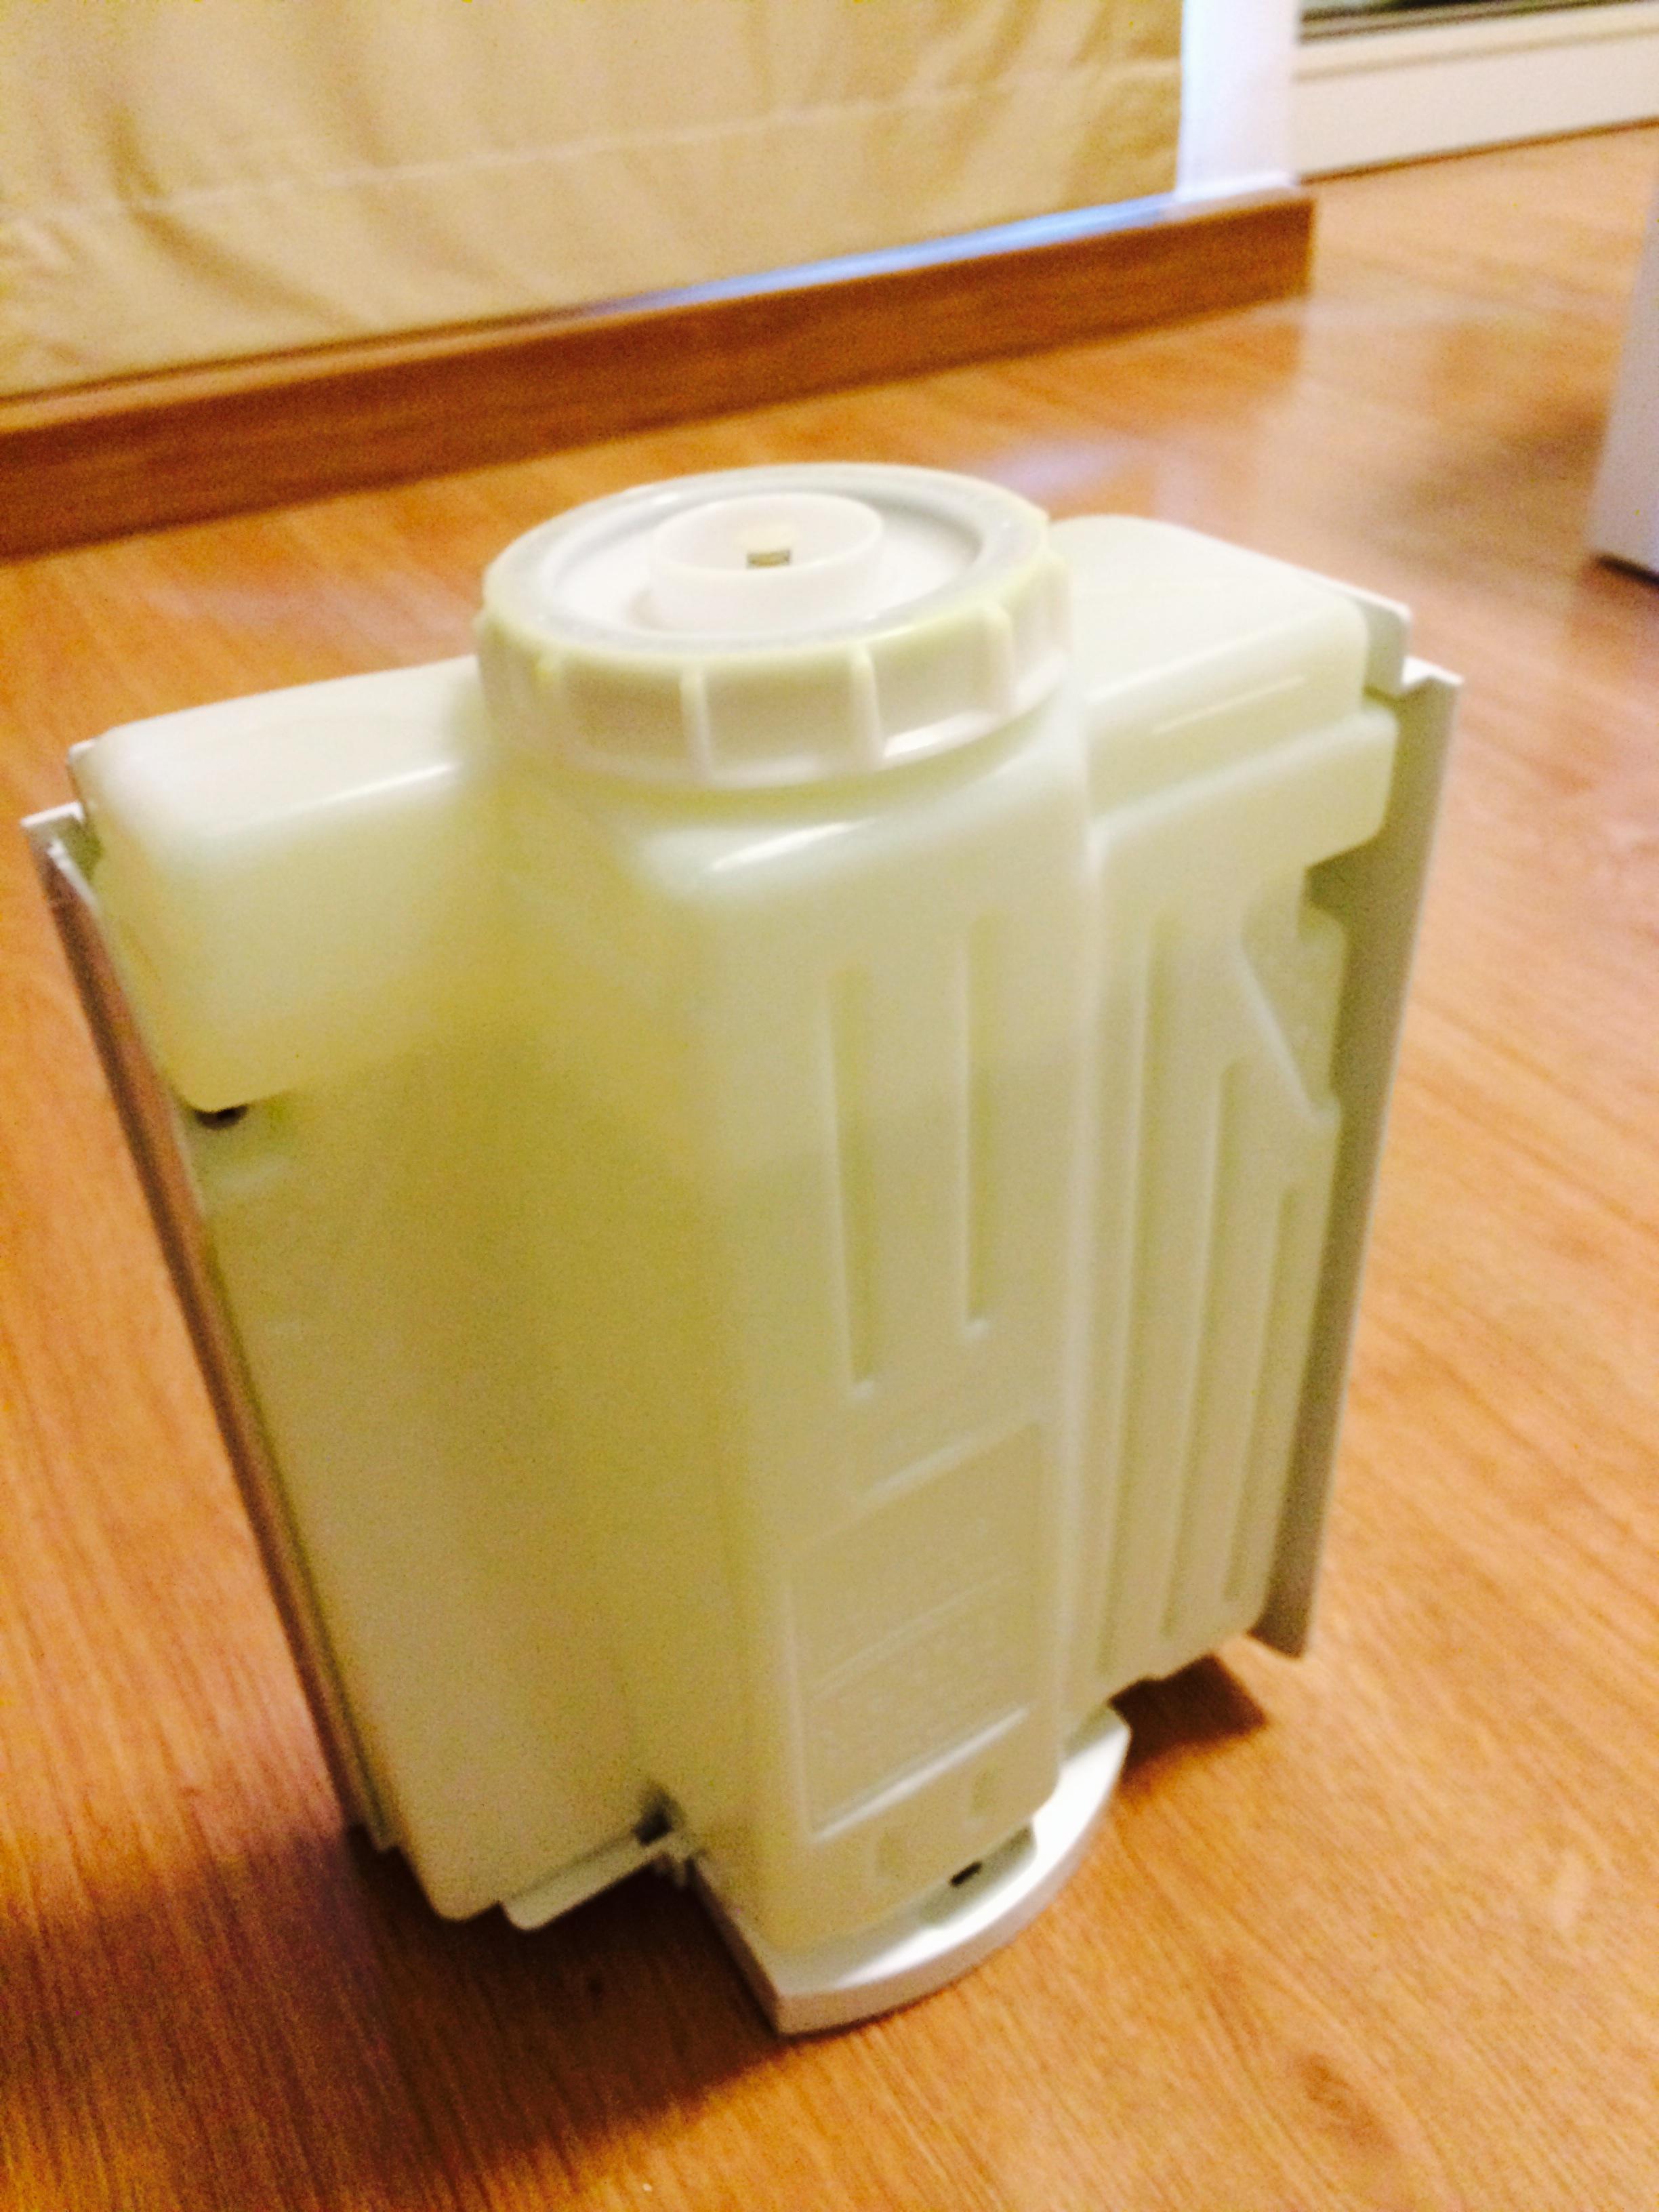 ถังน้ำ เครื่องฟอกอากาศชาร์ป (Sharp Air Purifier Water Tank)